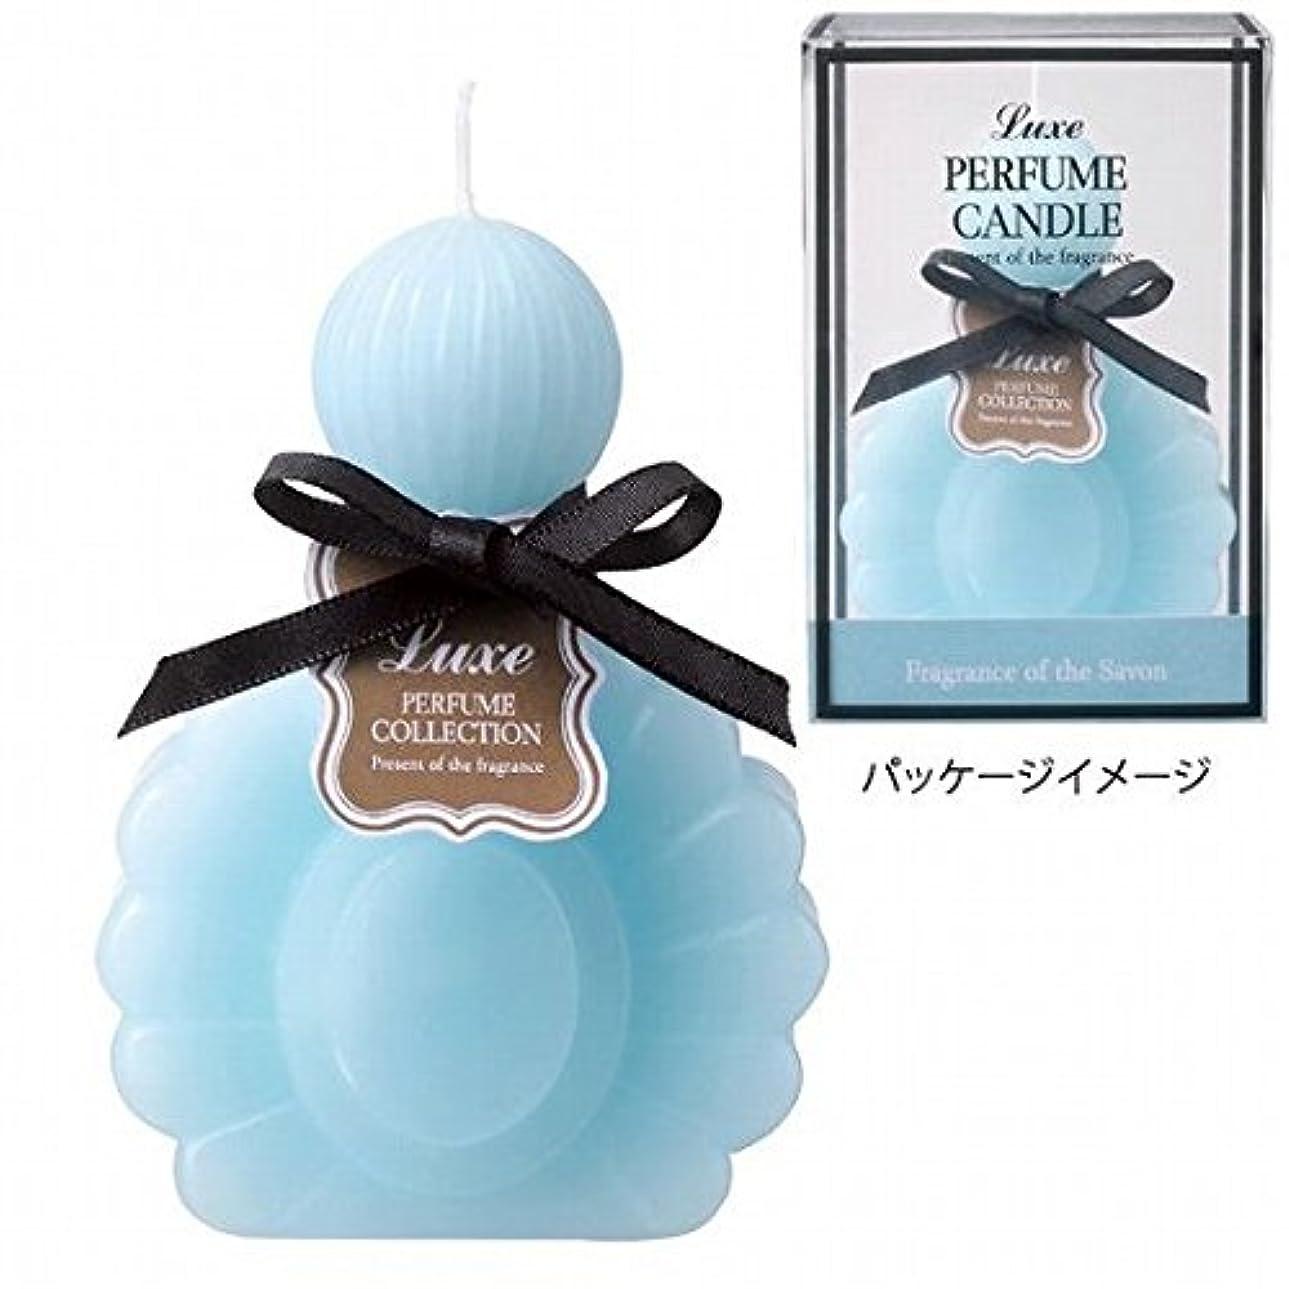 スティック観点カルシウムkameyama candle(カメヤマキャンドル) パフュームキャンドル 「 サボン 」(A4550520)